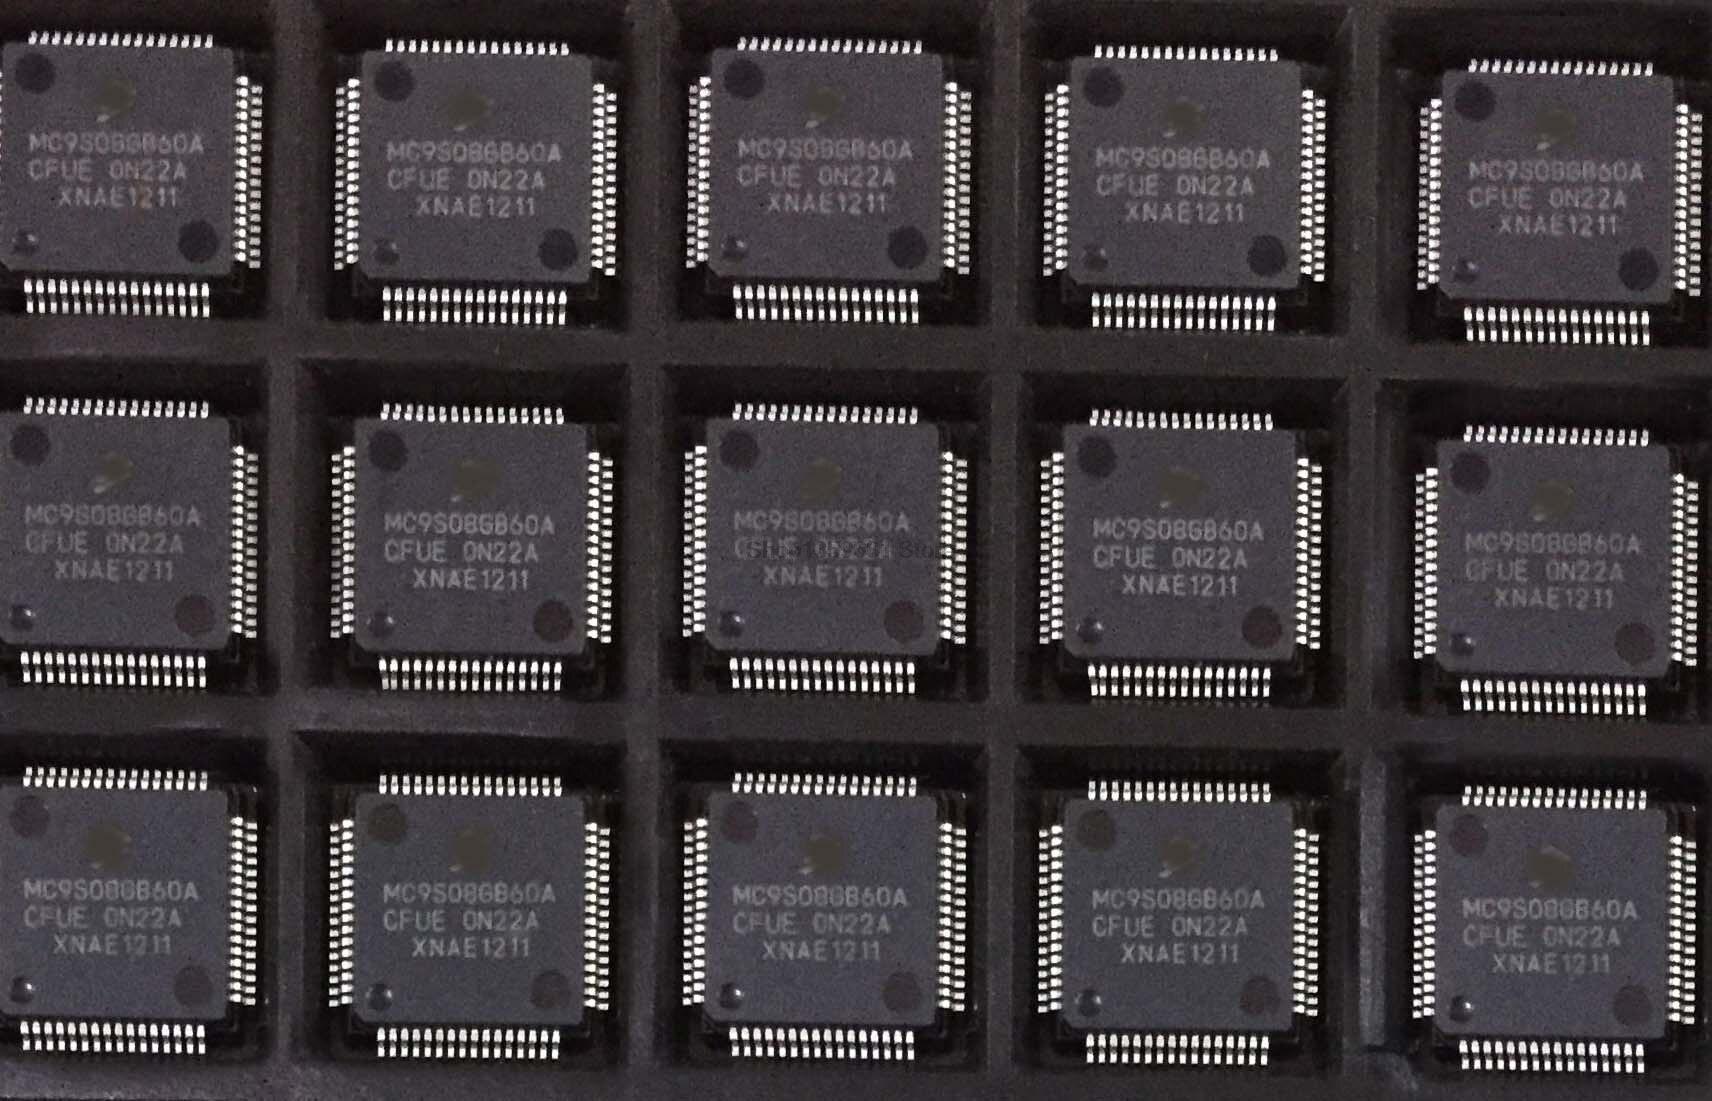 5 قطعة-10 قطعة/الوحدة MC9S08GB60ACFUE MC9S08GB60A TQFP-64 الأصلي أون الأسهم